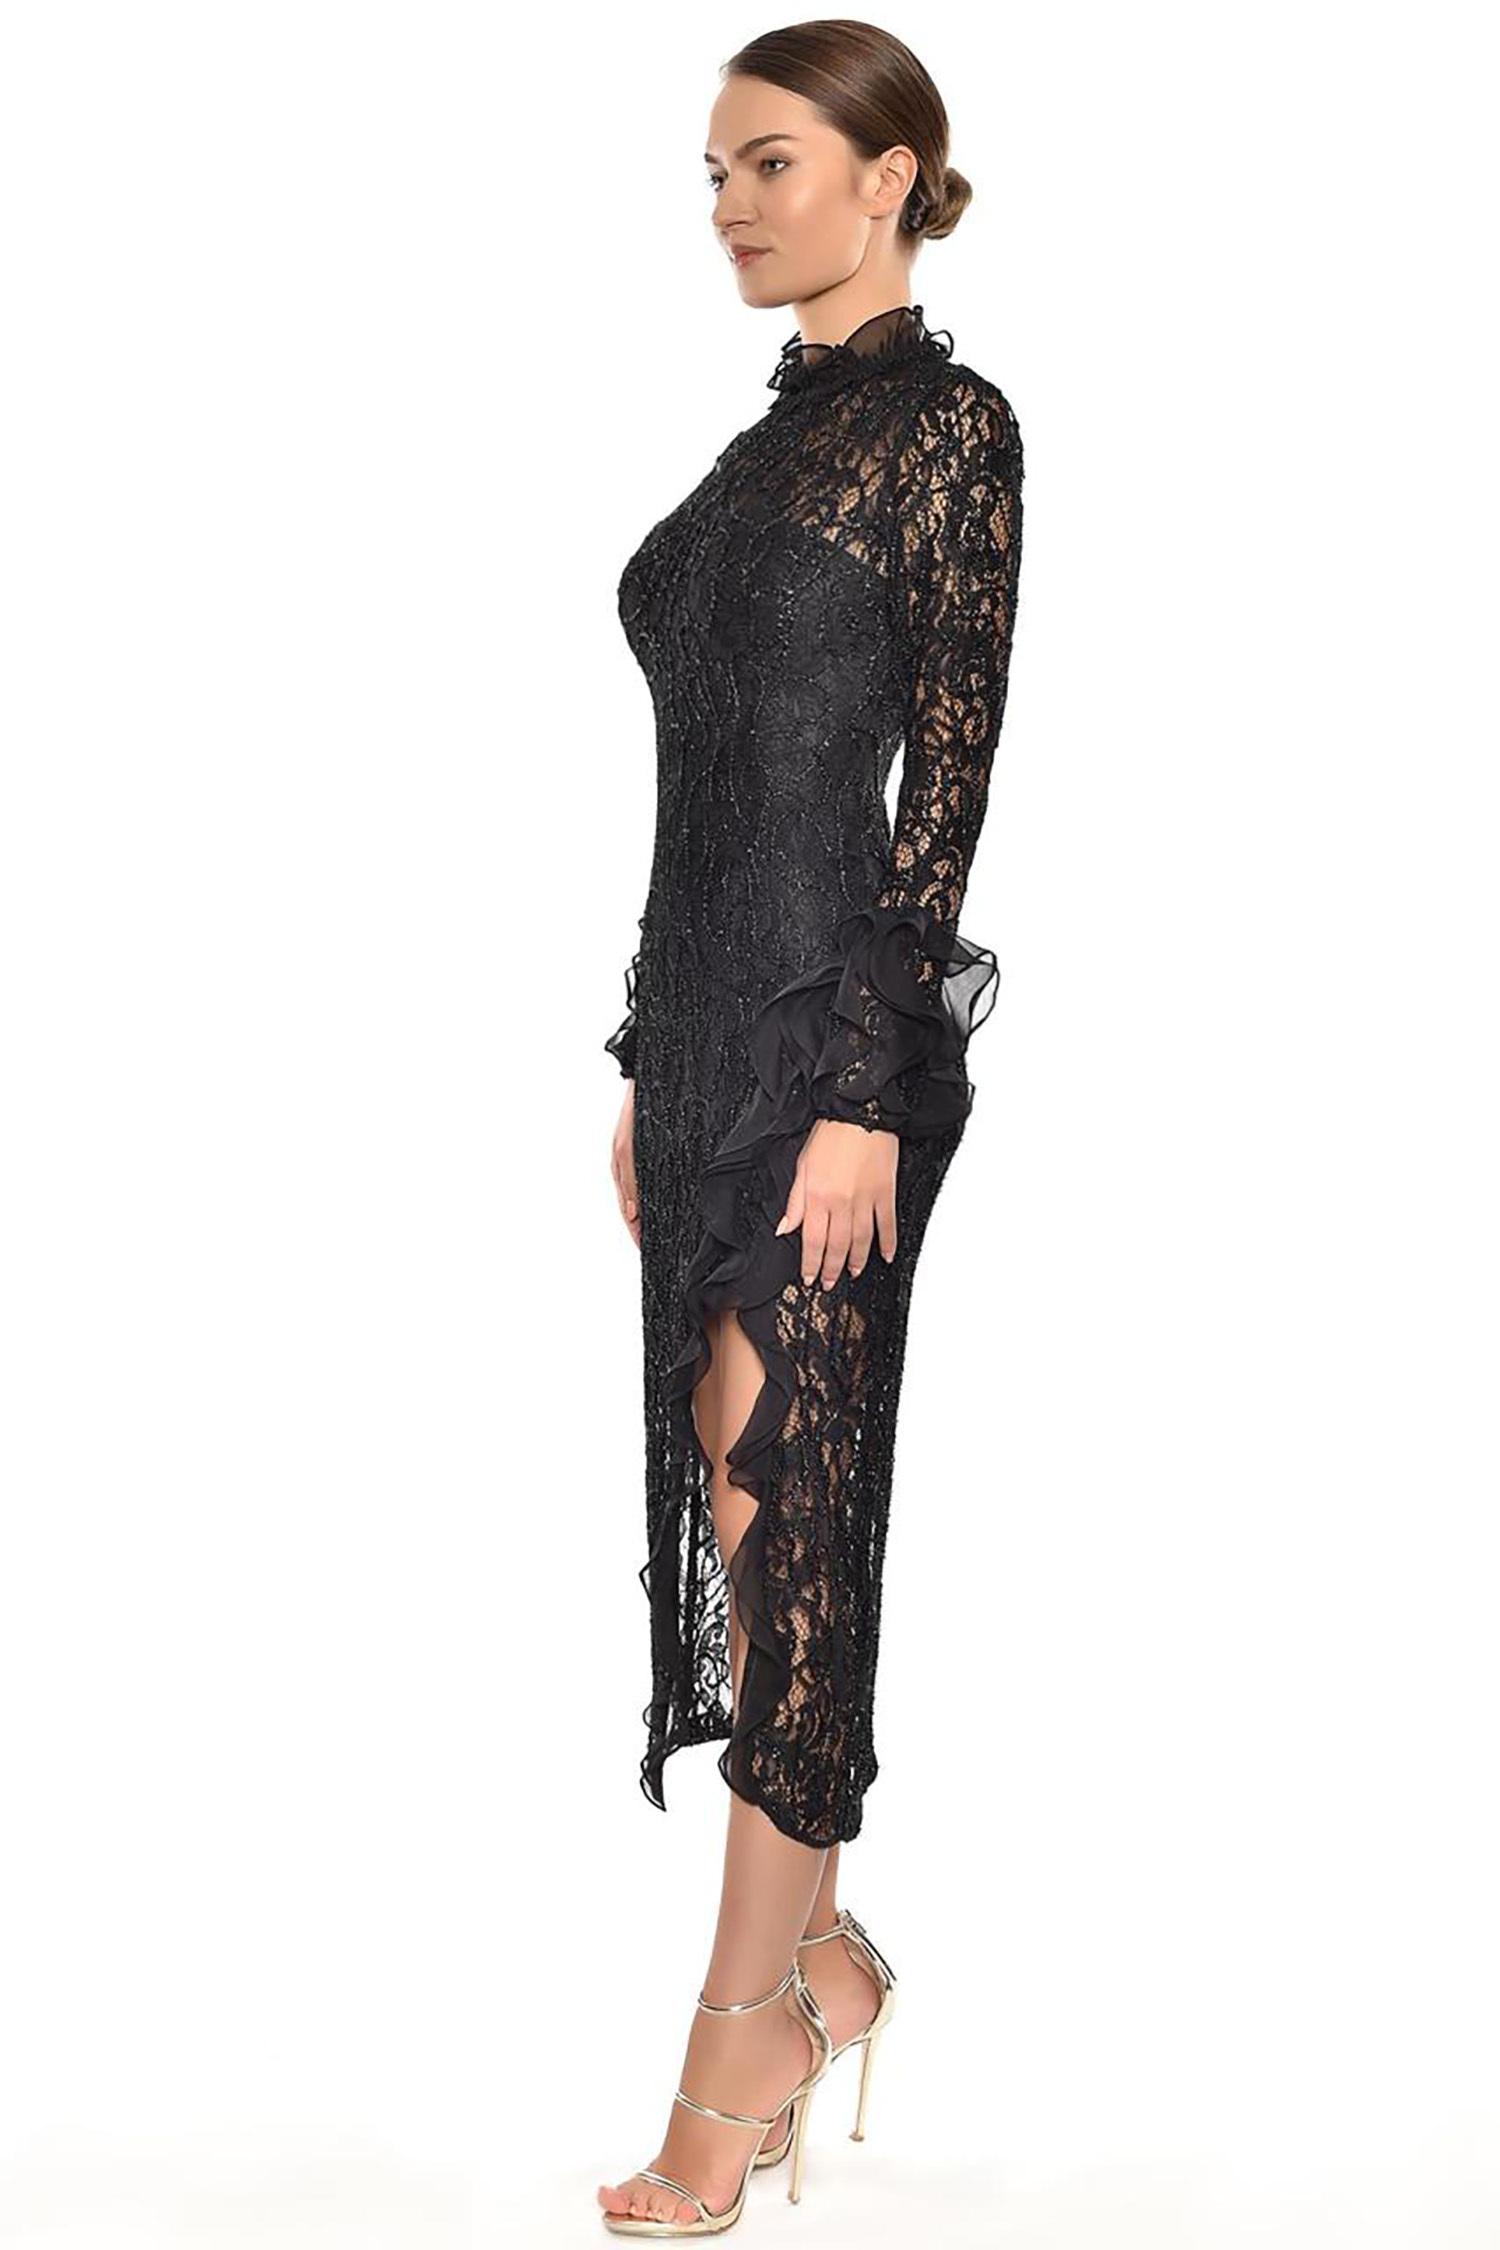 Siyah Dantel İşlemeli Uzun Kollu Yırtmaçlı Midi Boy Elbise - Thumbnail